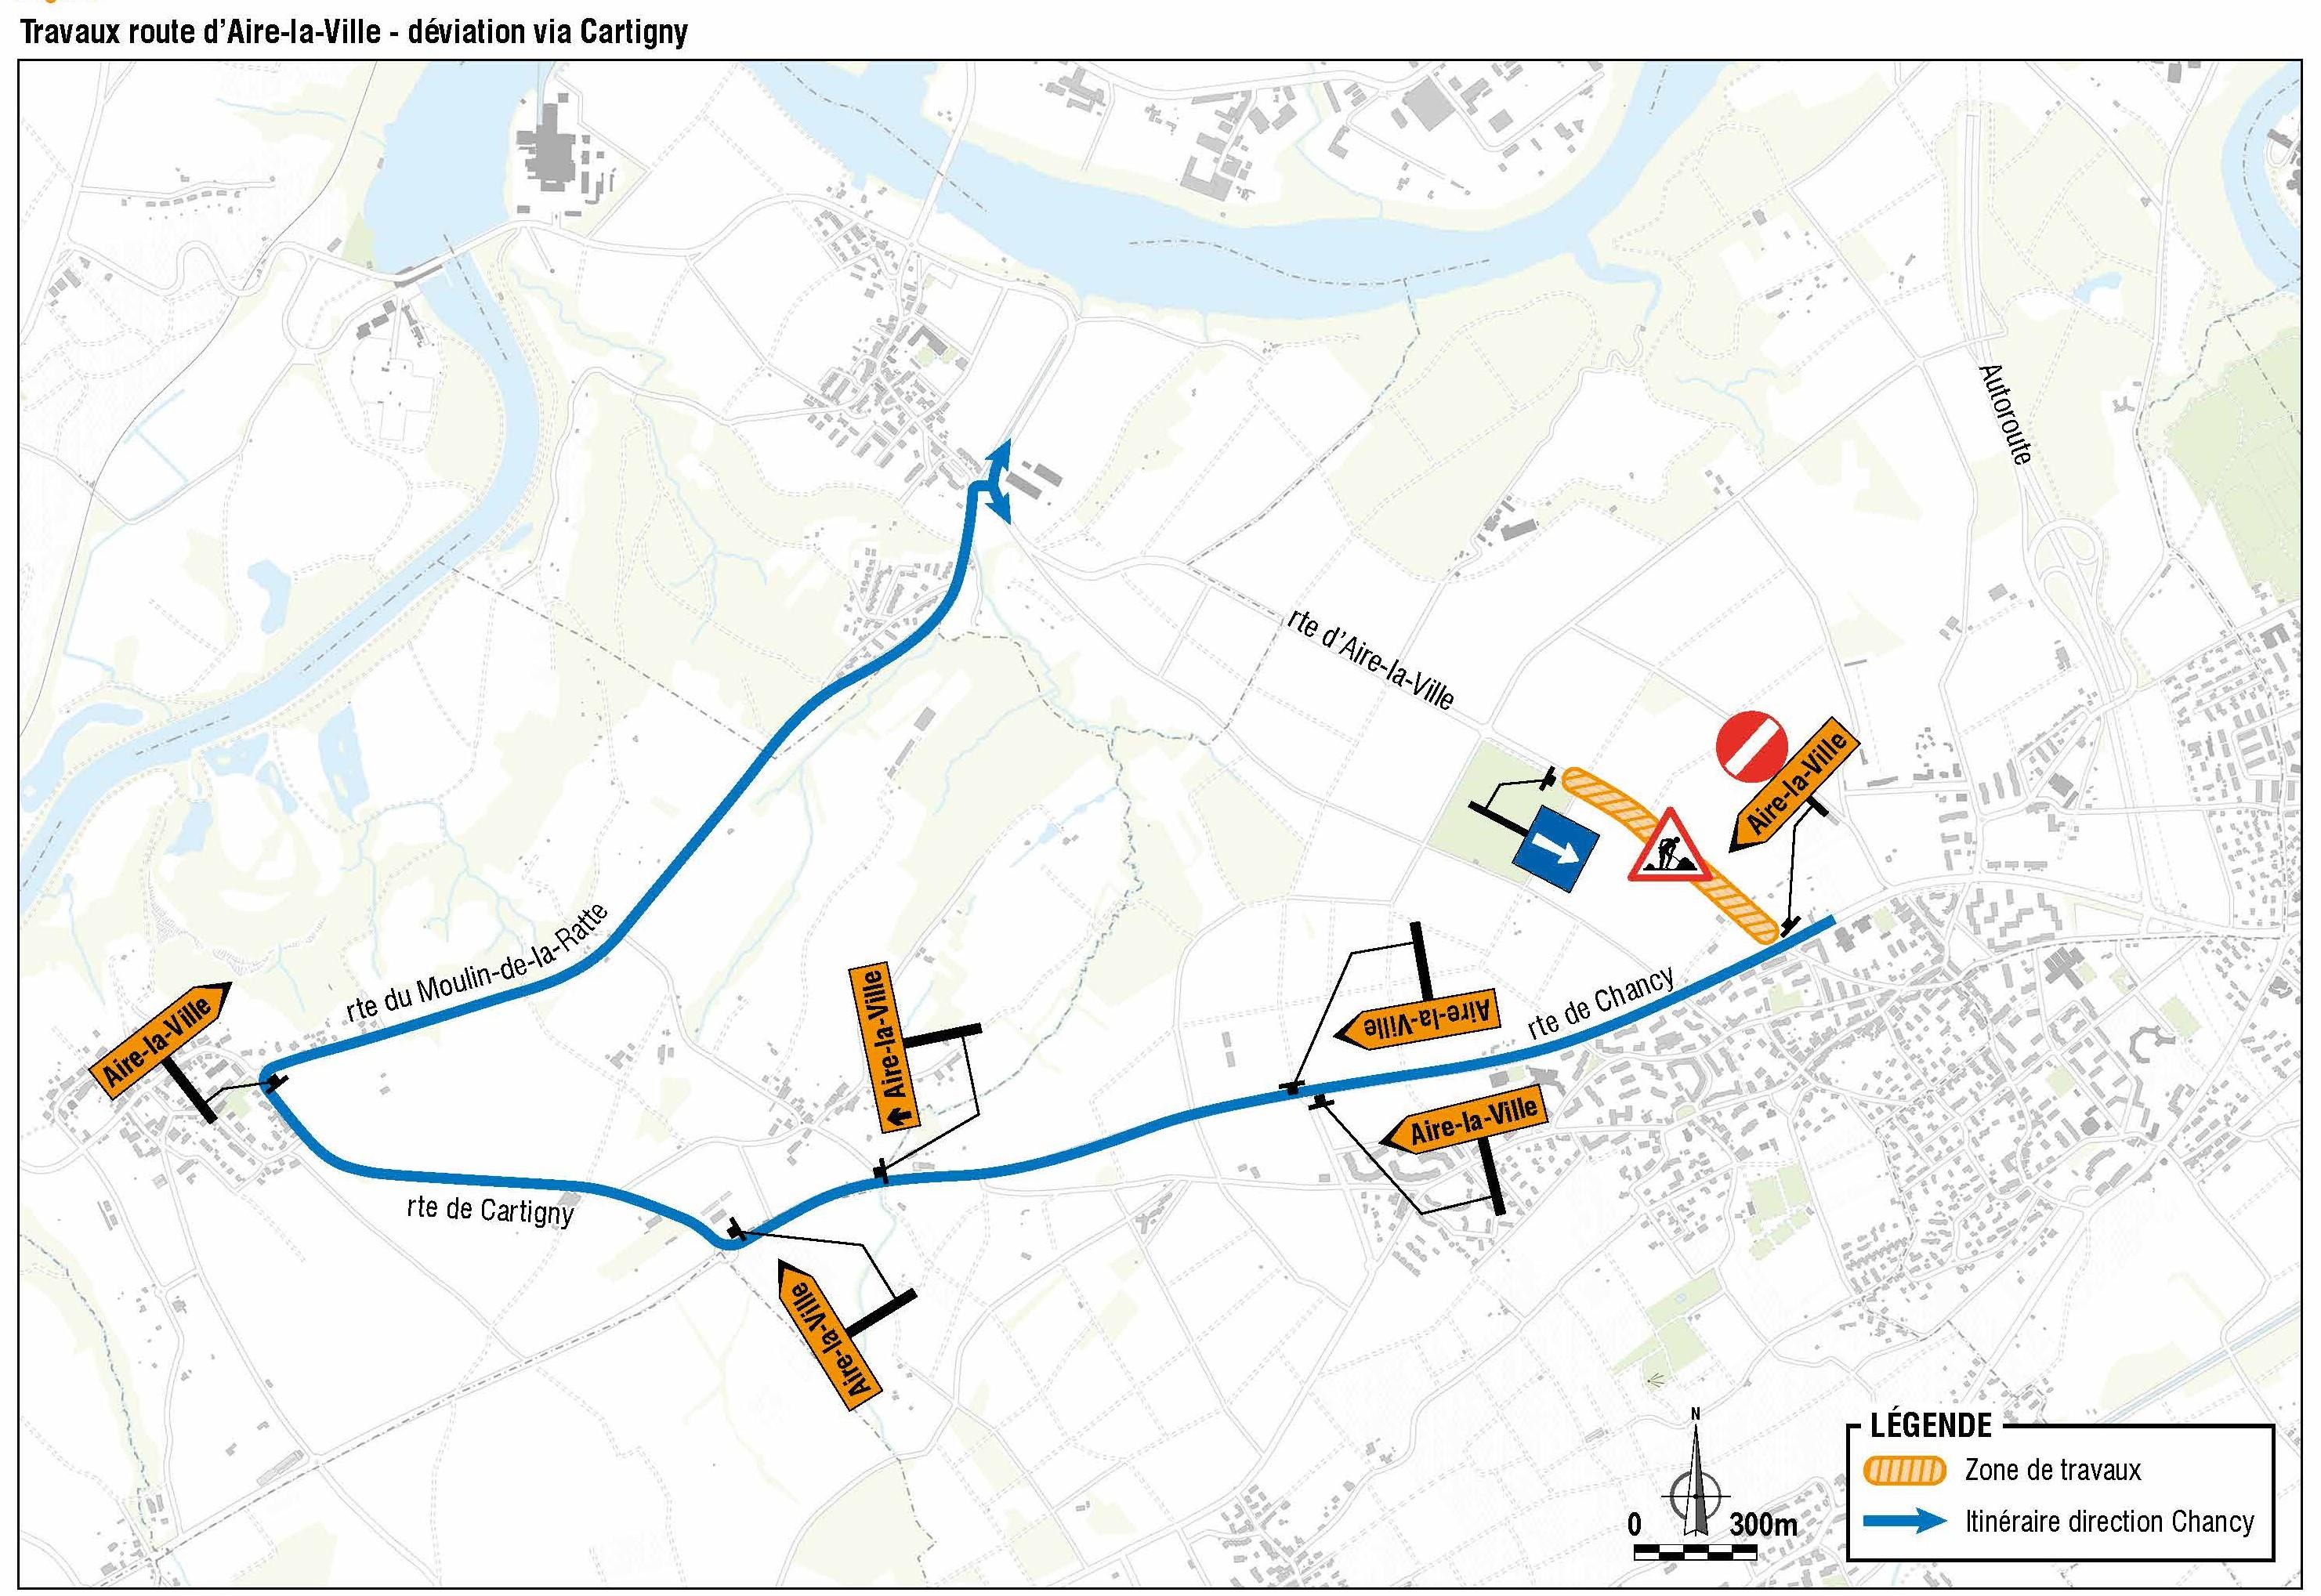 Route d'Aire-la-Ville